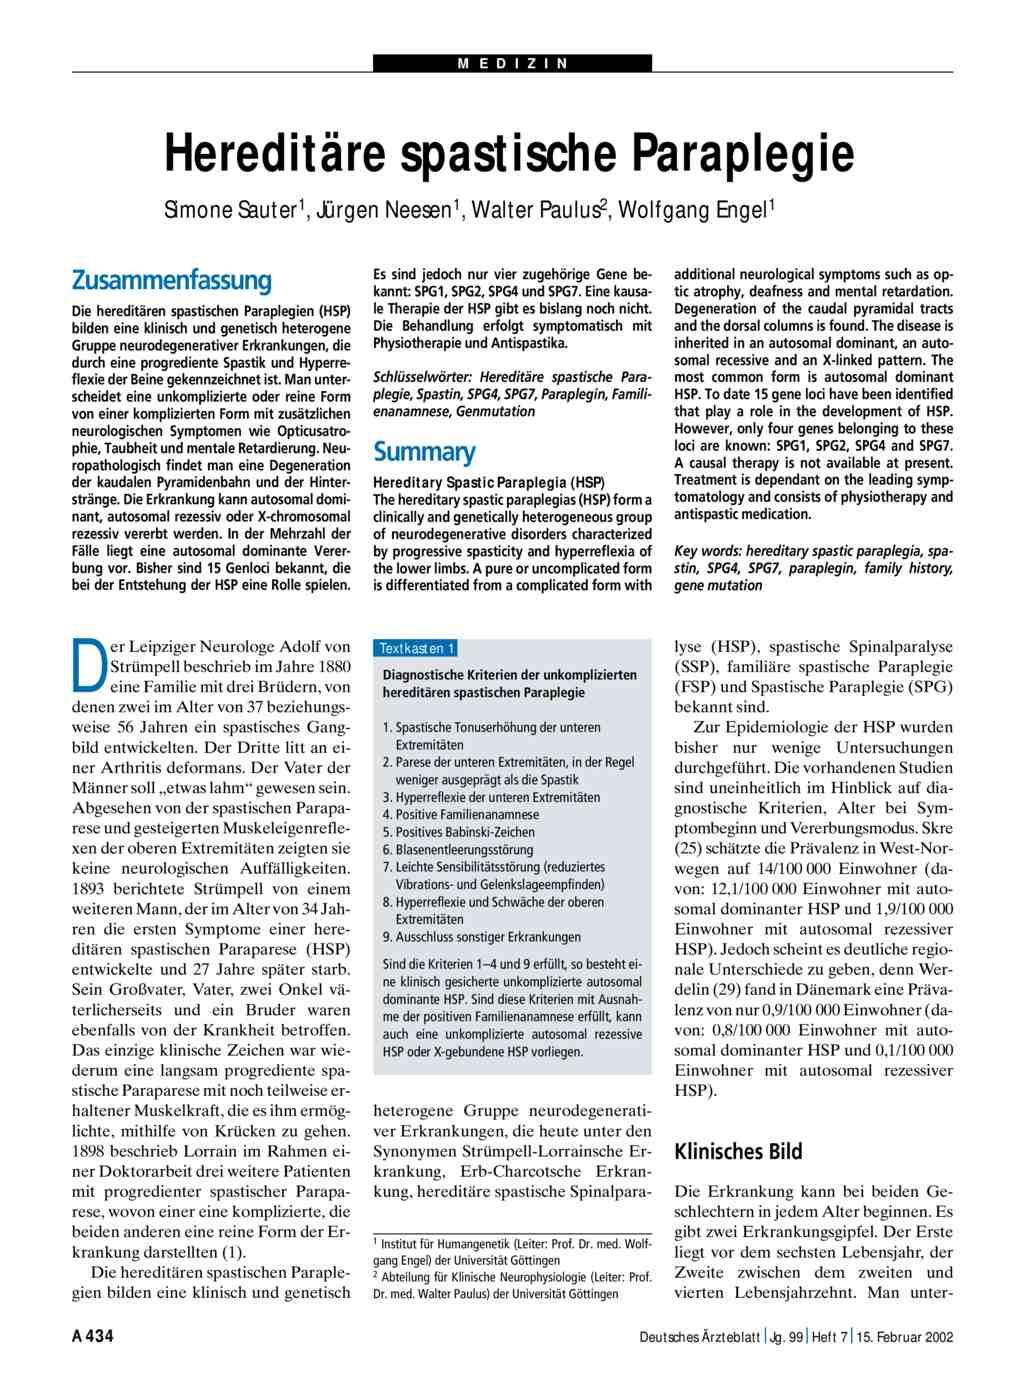 Spastische Lähmung - Ursachen und Behandlung